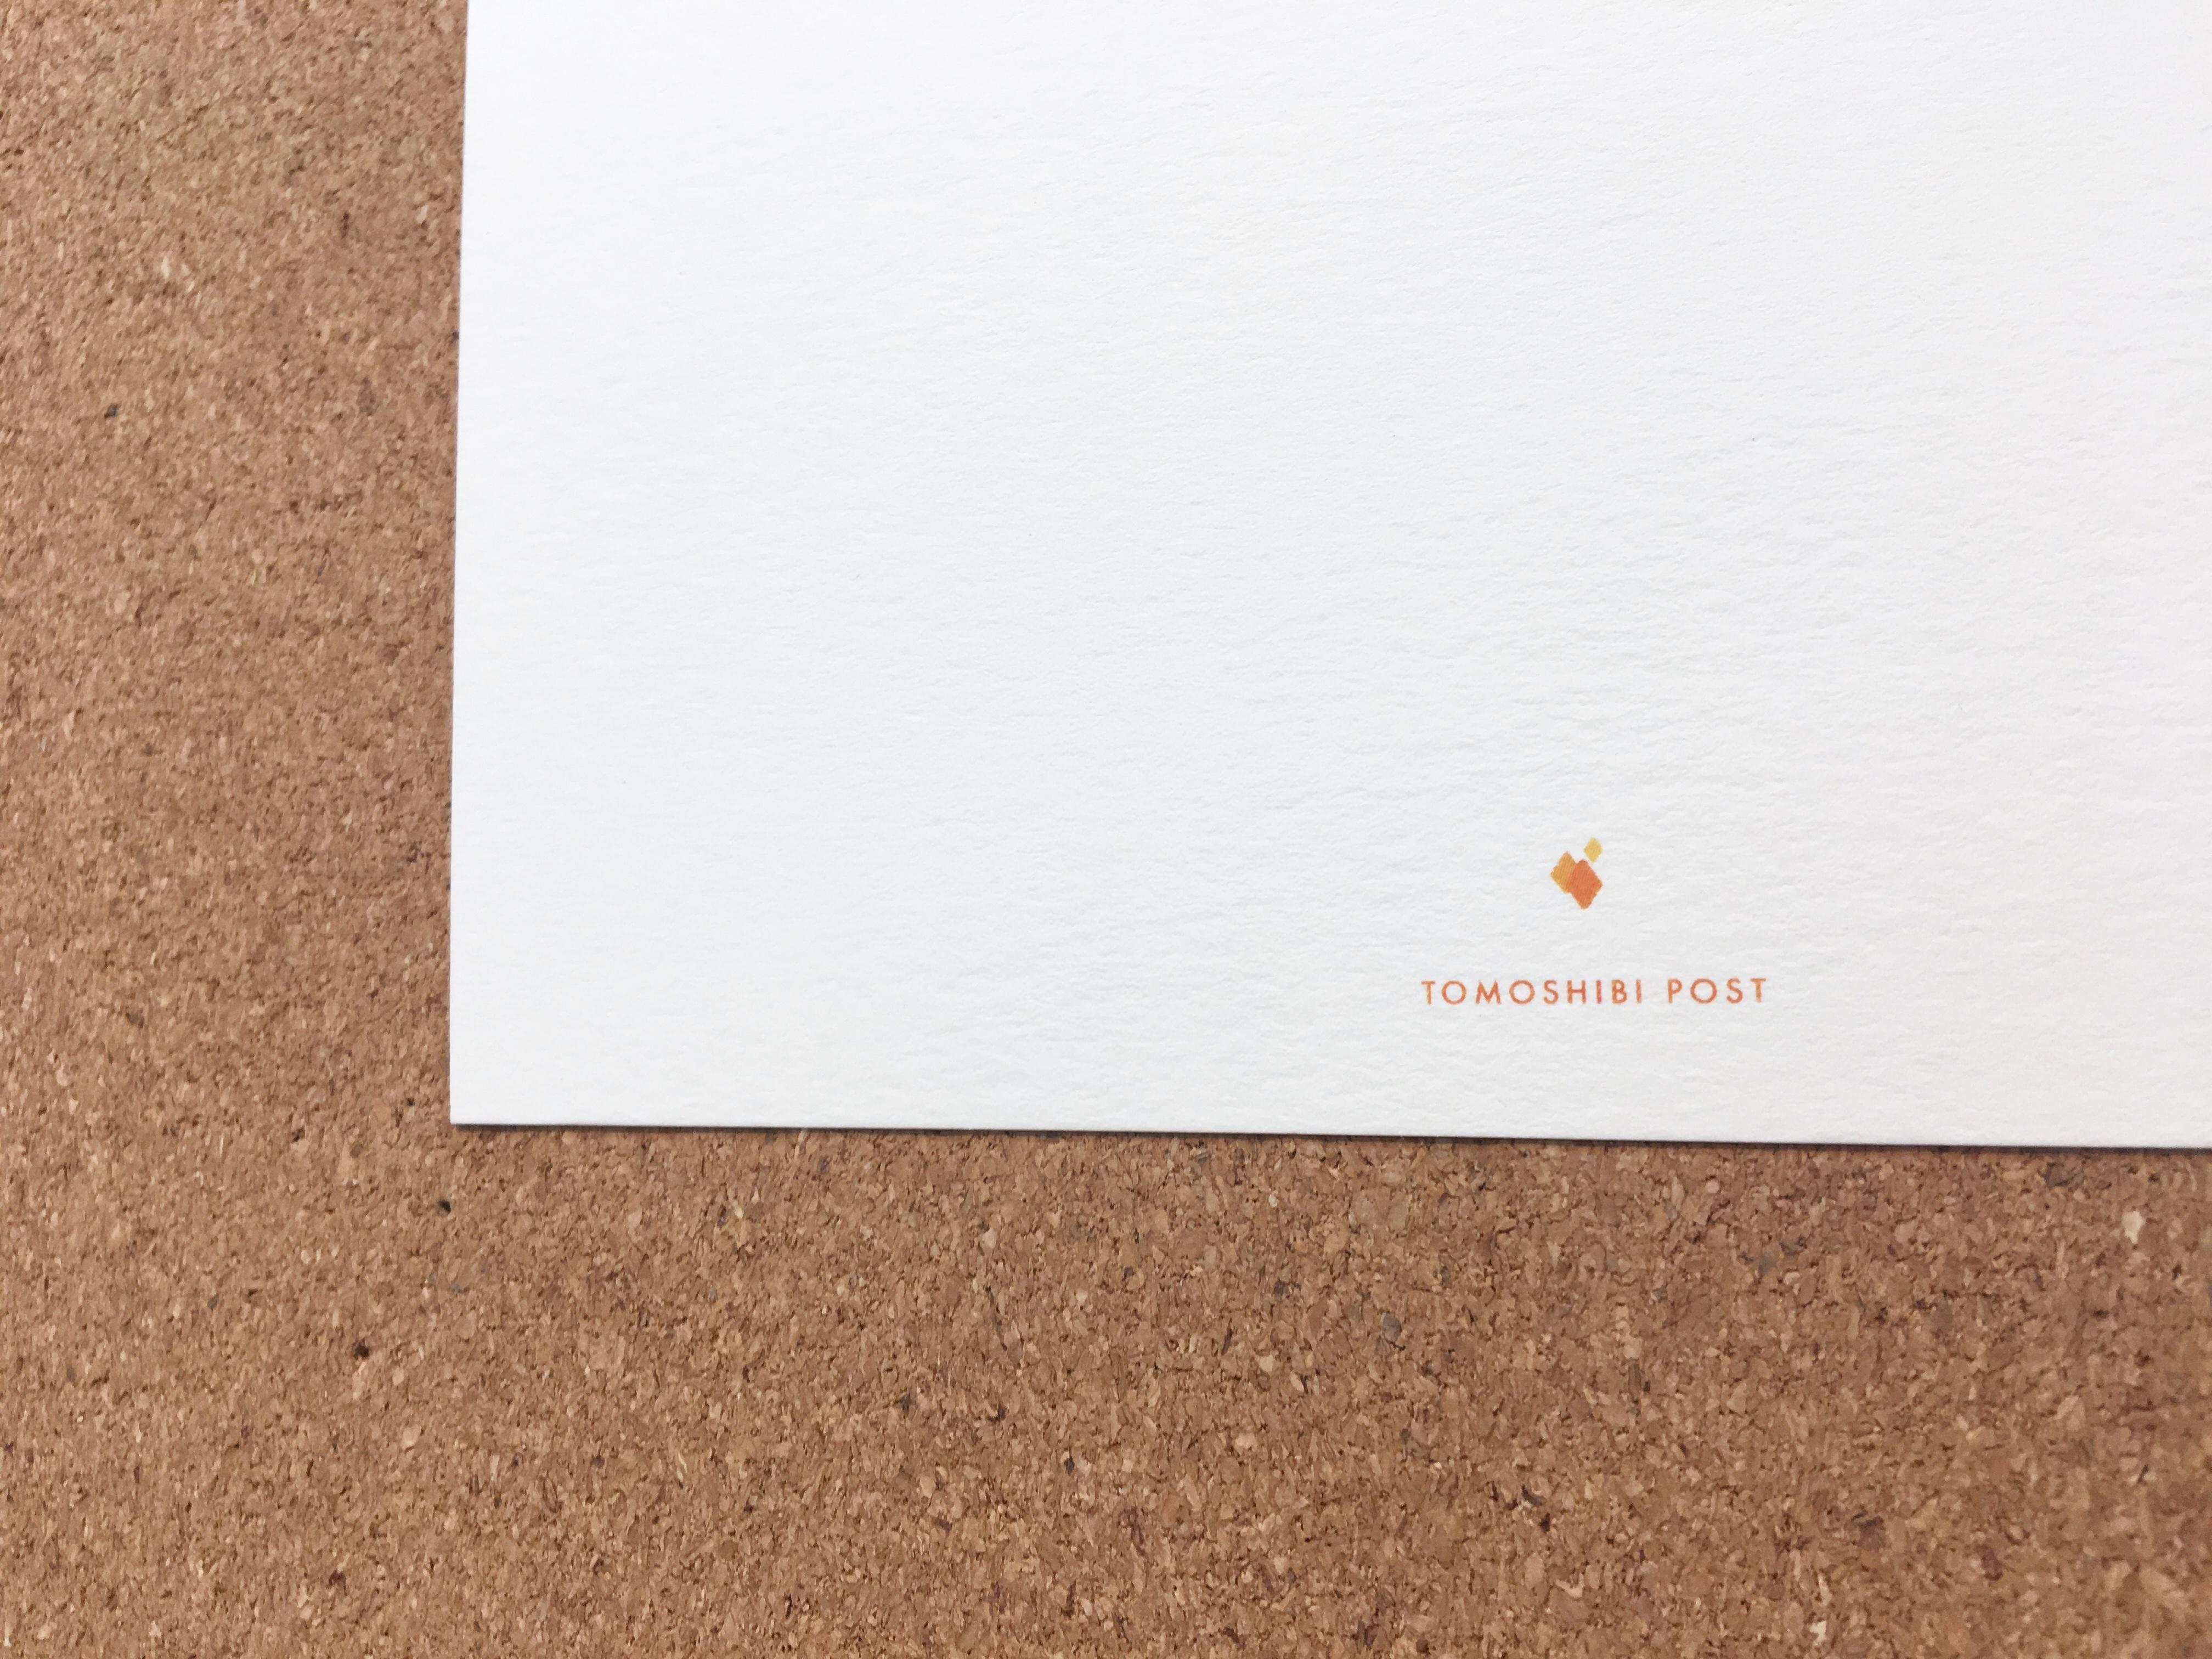 未来へのともしび(縦/横)/TOMOSHIBI LETTER